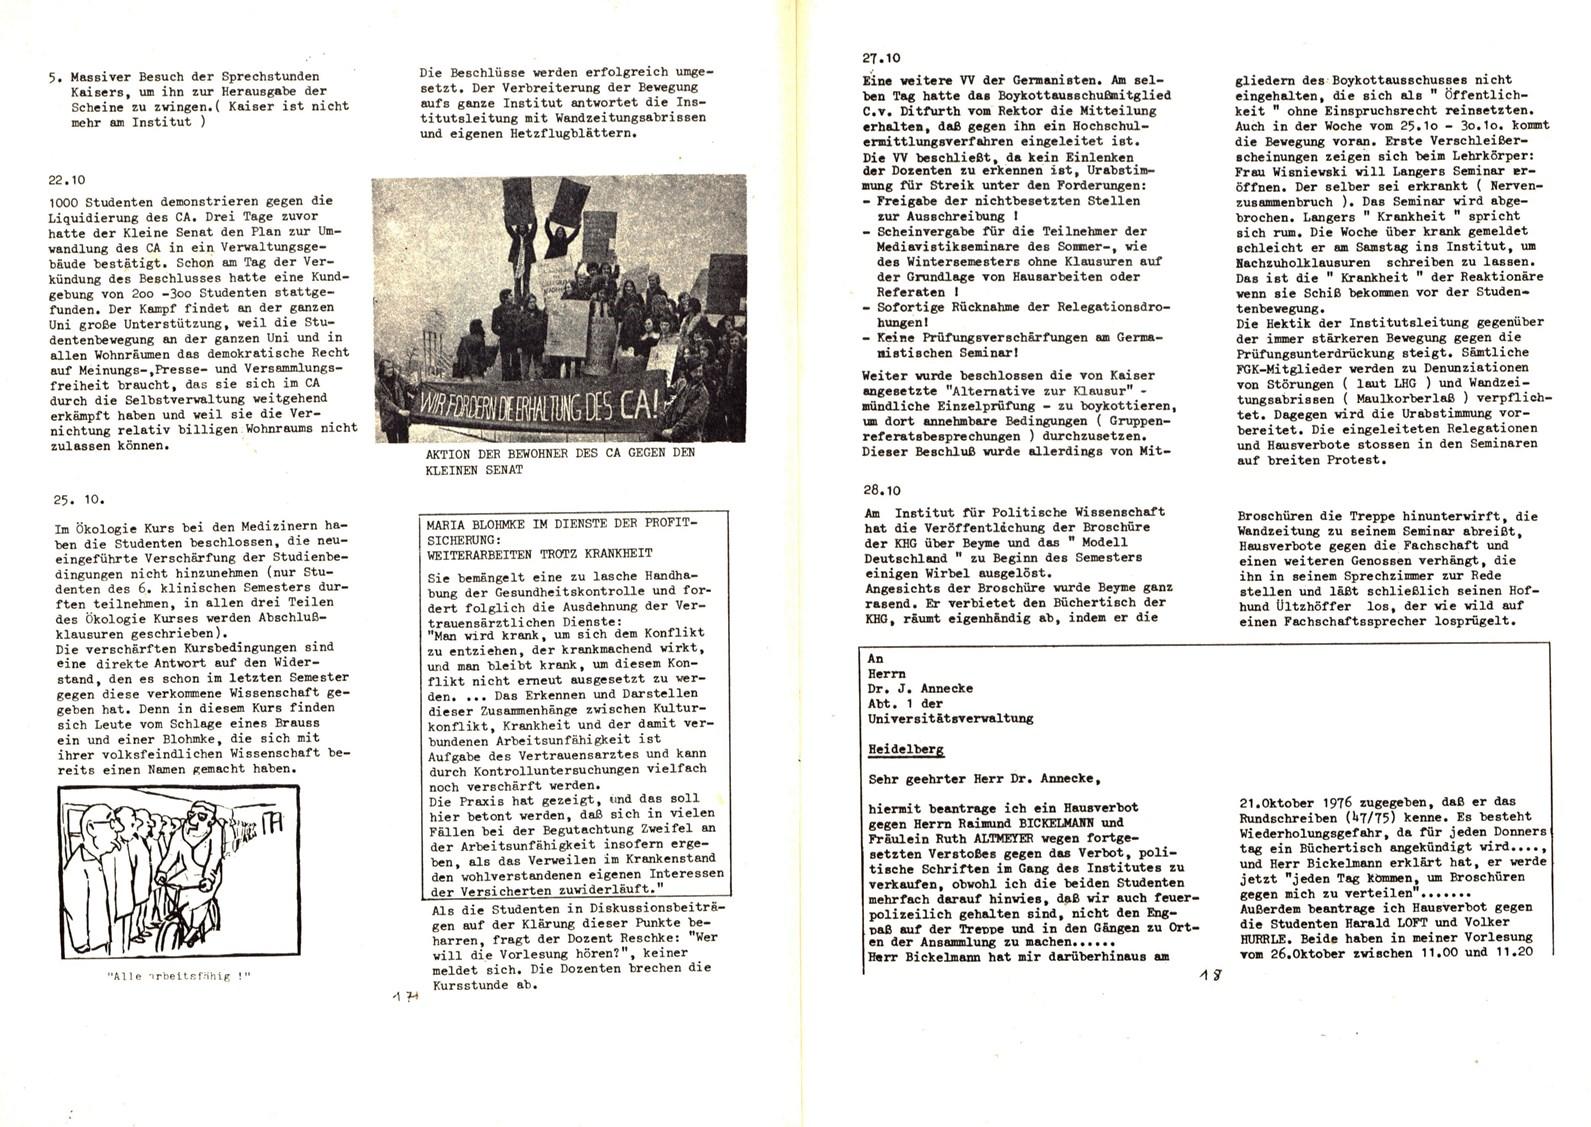 Heidelberg_KHG_1977_Chronik_WS_1976_77_10